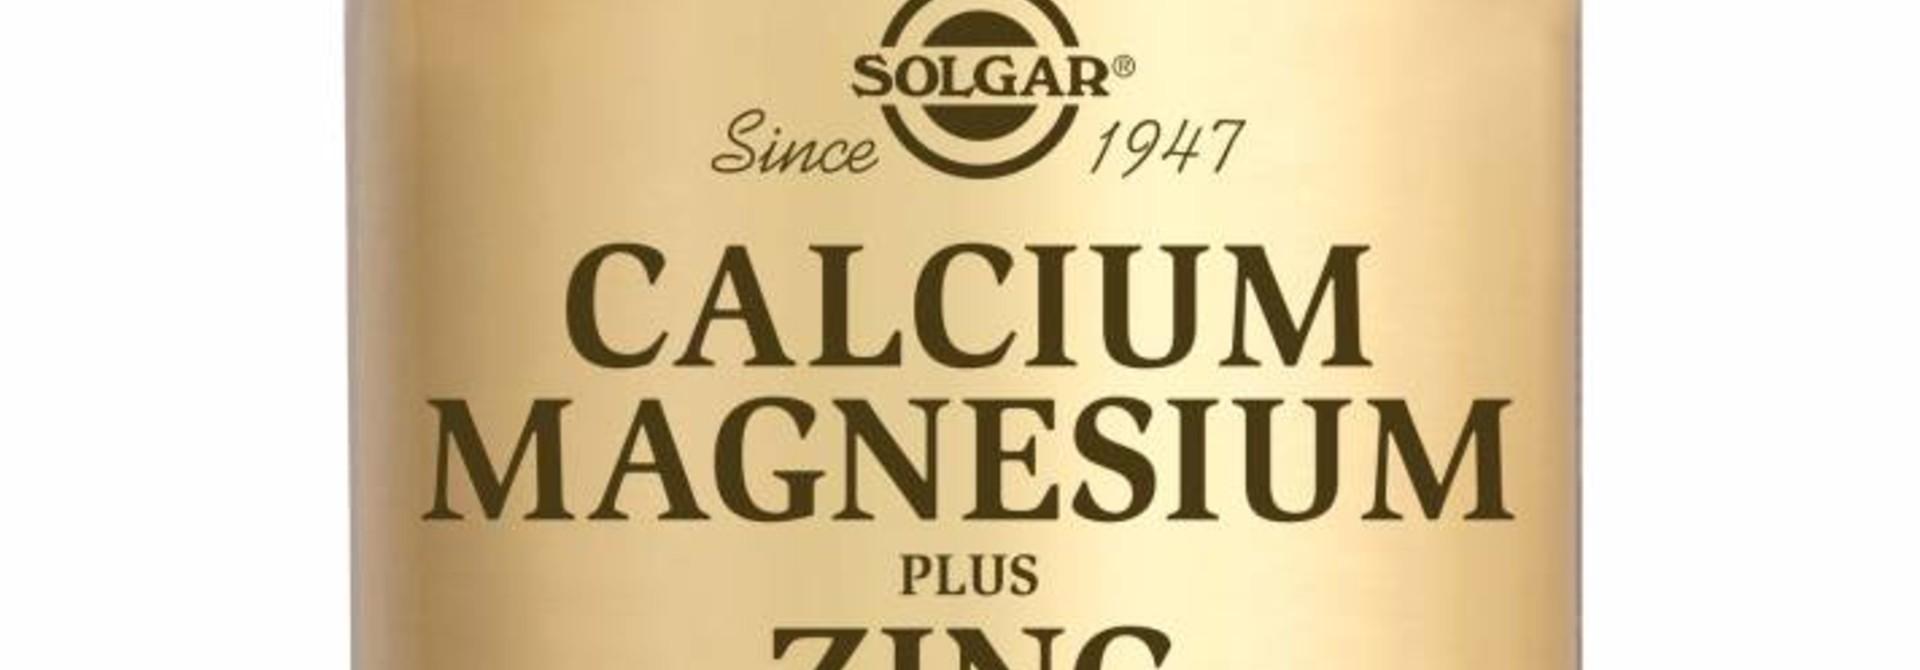 Calcium Magnesium plus Zinc 250 tabletten